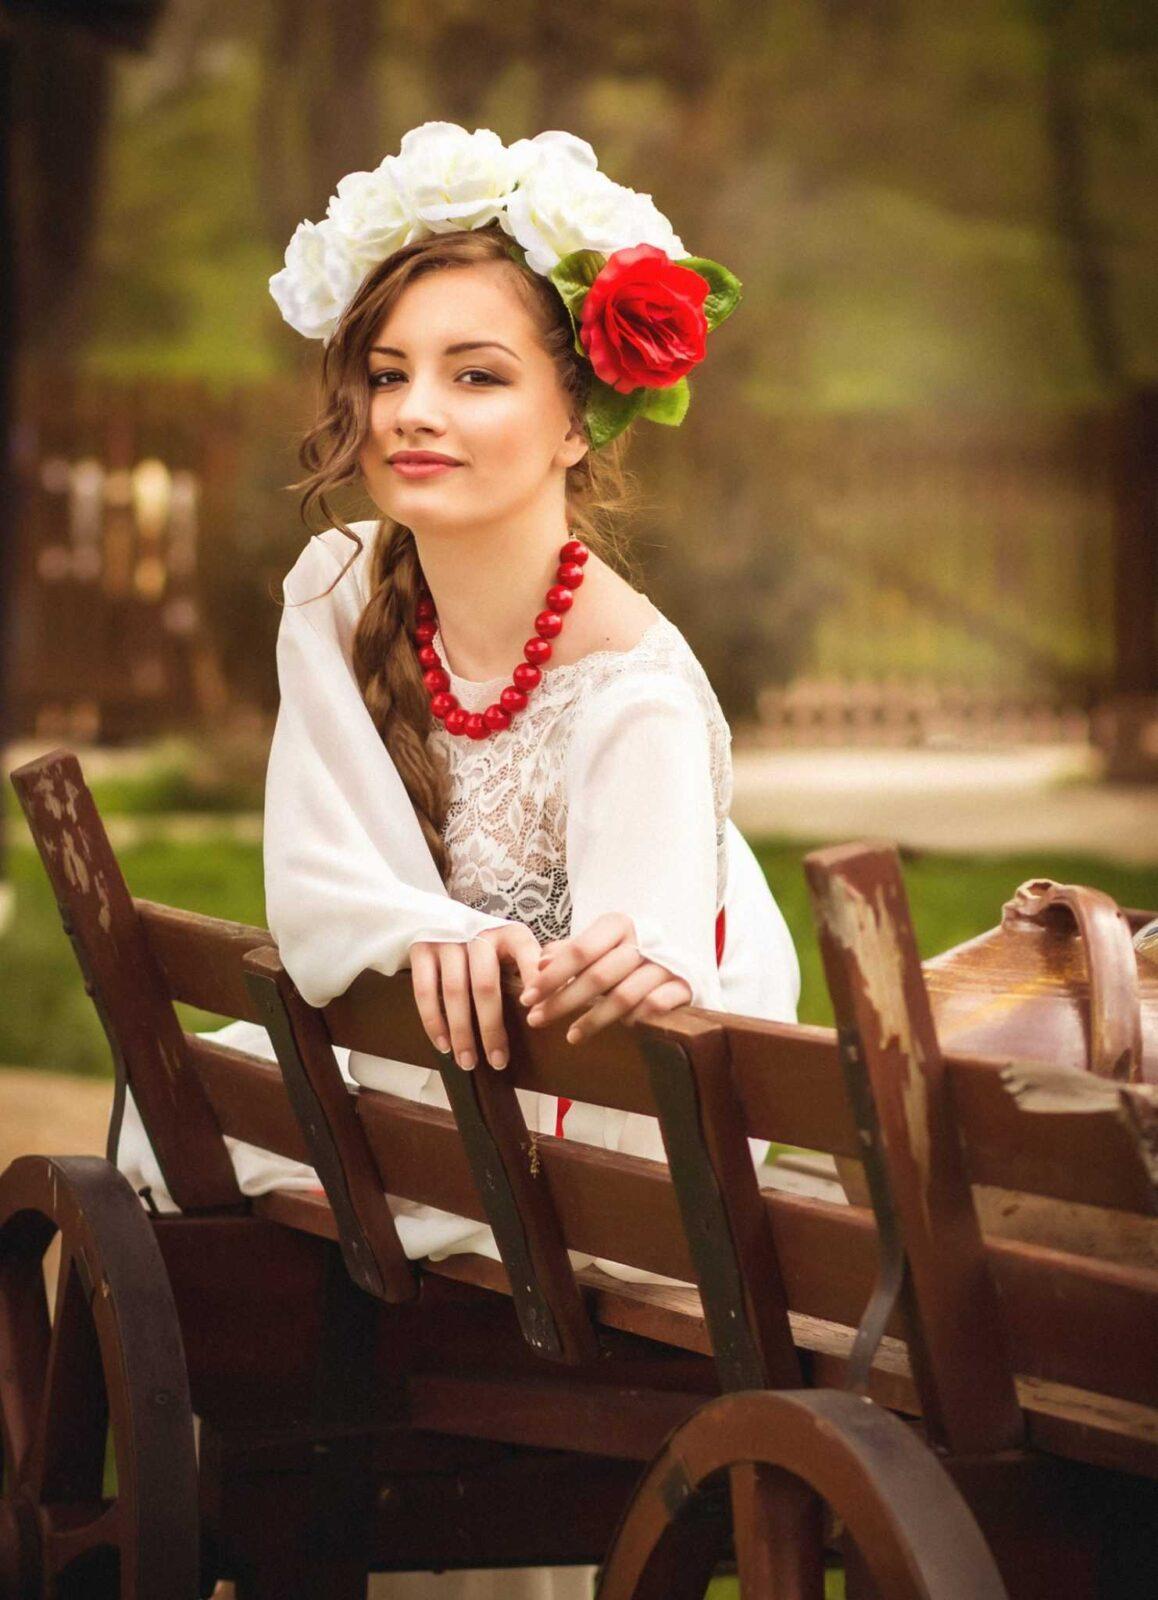 Художественный портрет Киев, фотосессия в Киеве